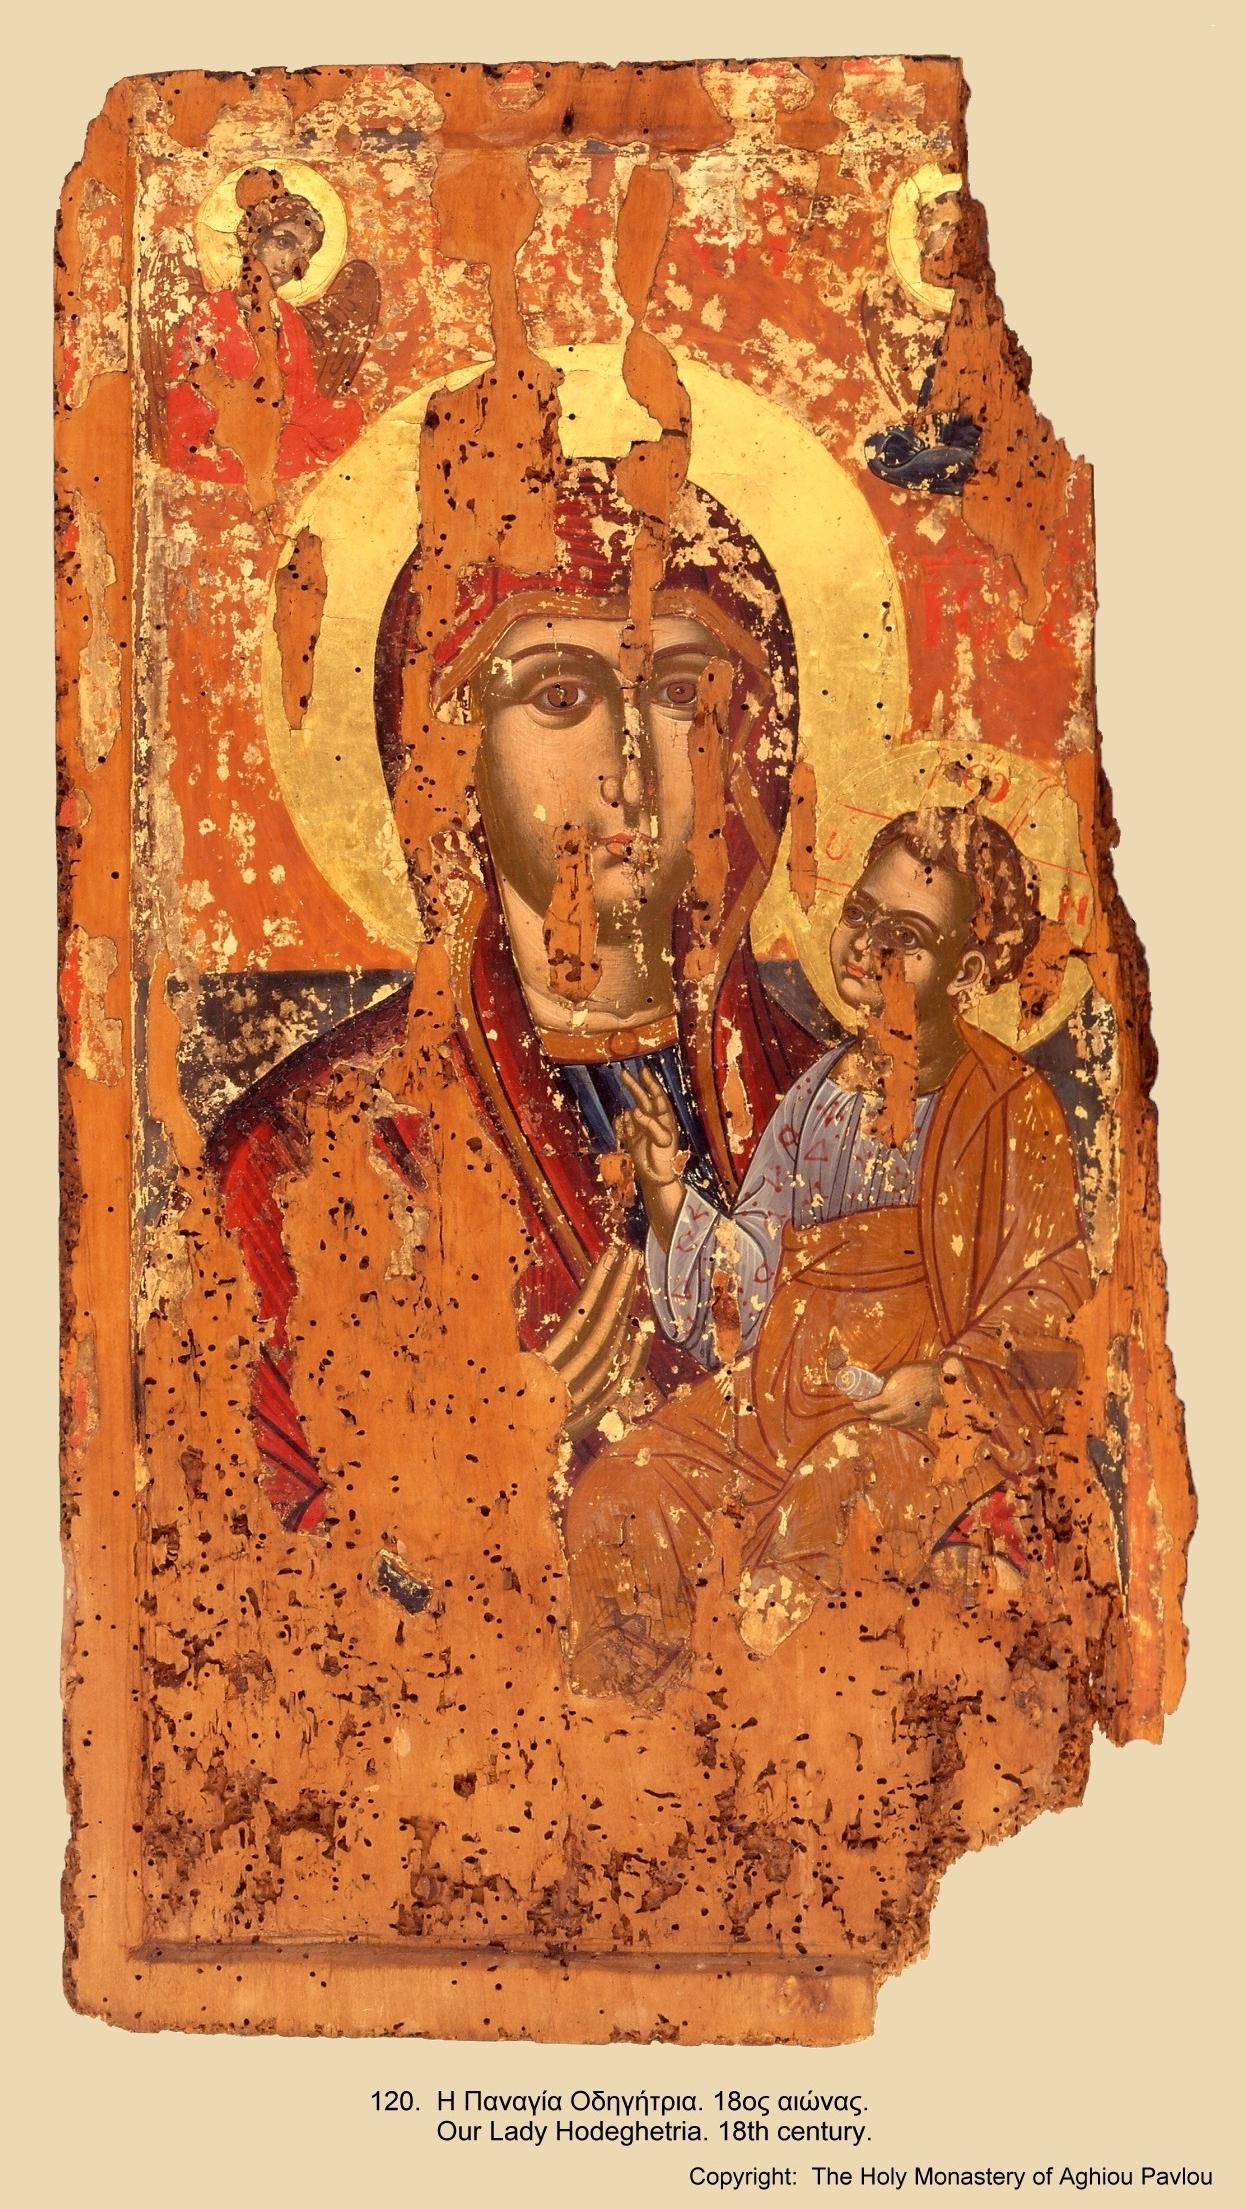 Иконы монастыря св. Павла (119)